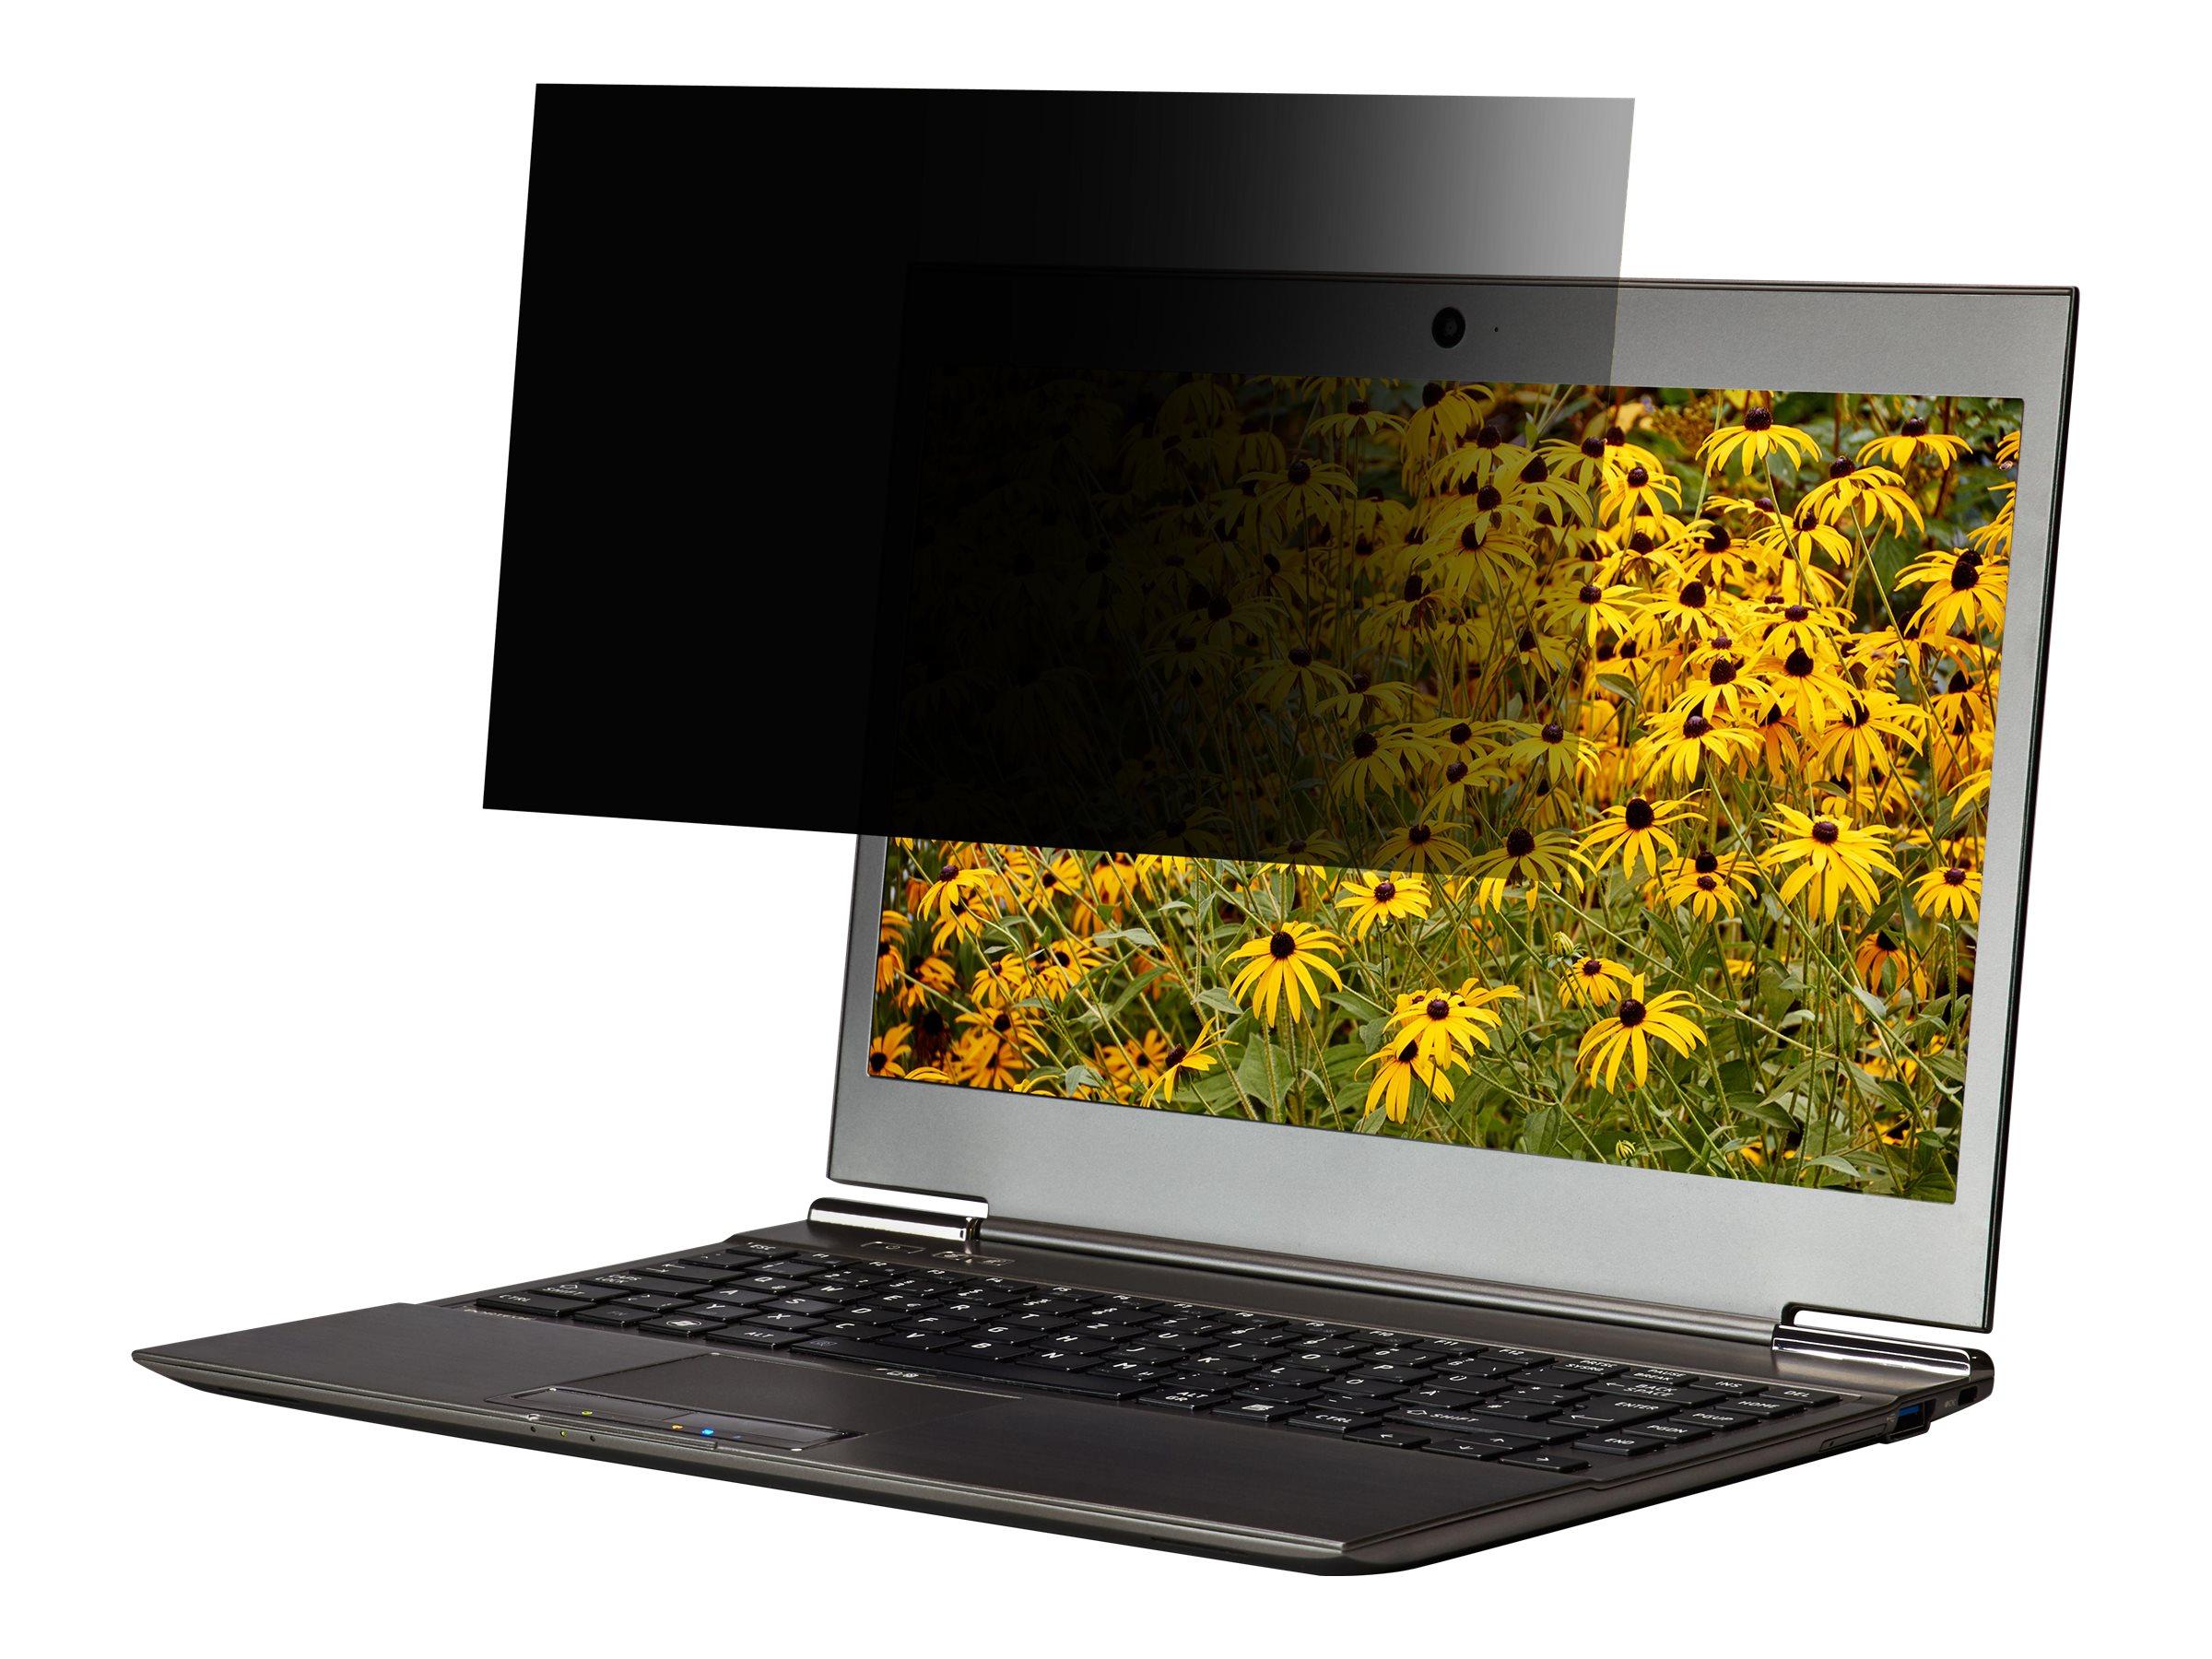 Origin Storage Security Filter - Bildschirmfilter - 68,6 cm Breitbild (27 Zoll Breitbild)